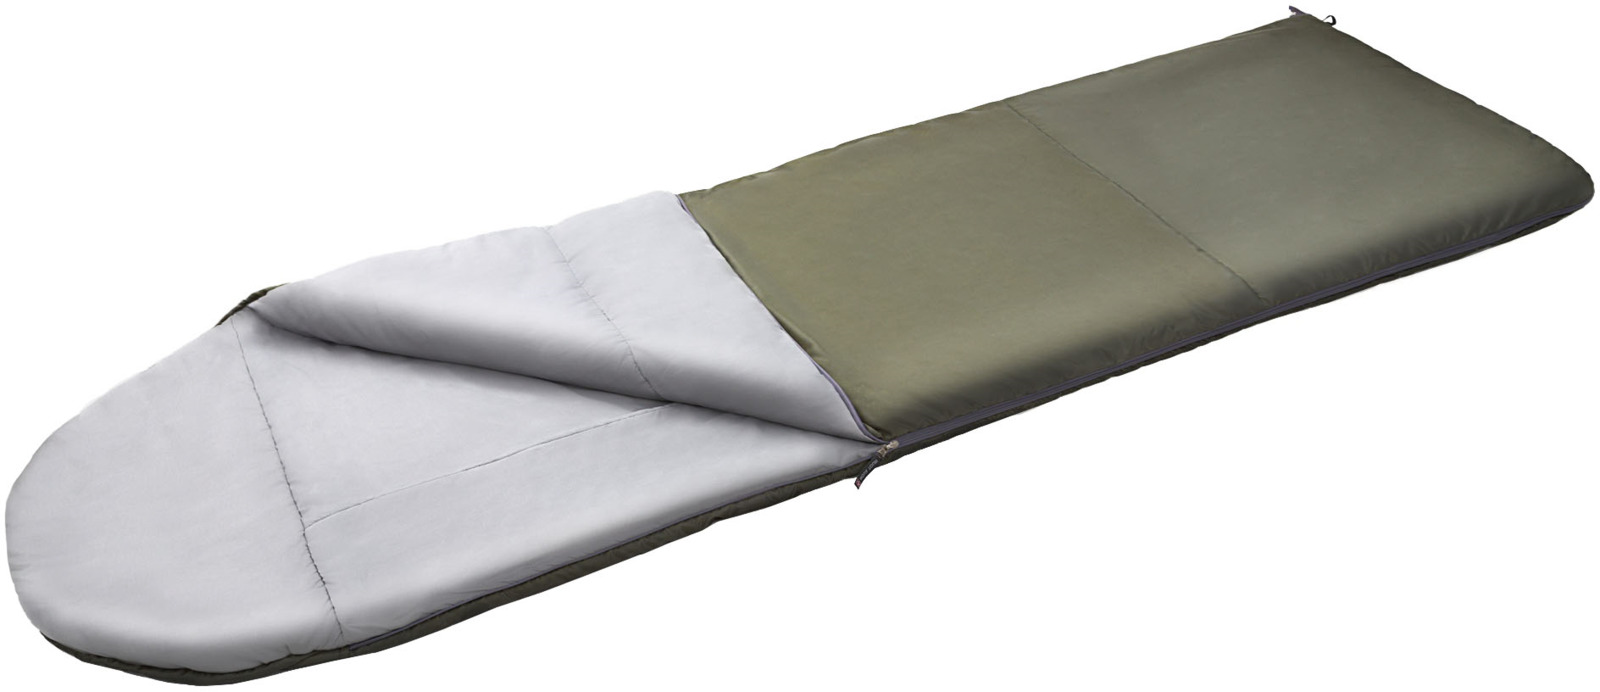 Спальный мешок Nova Tour Карелия -5, левосторонняя молния, 96590, темно-зеленый, размер L (195 см)